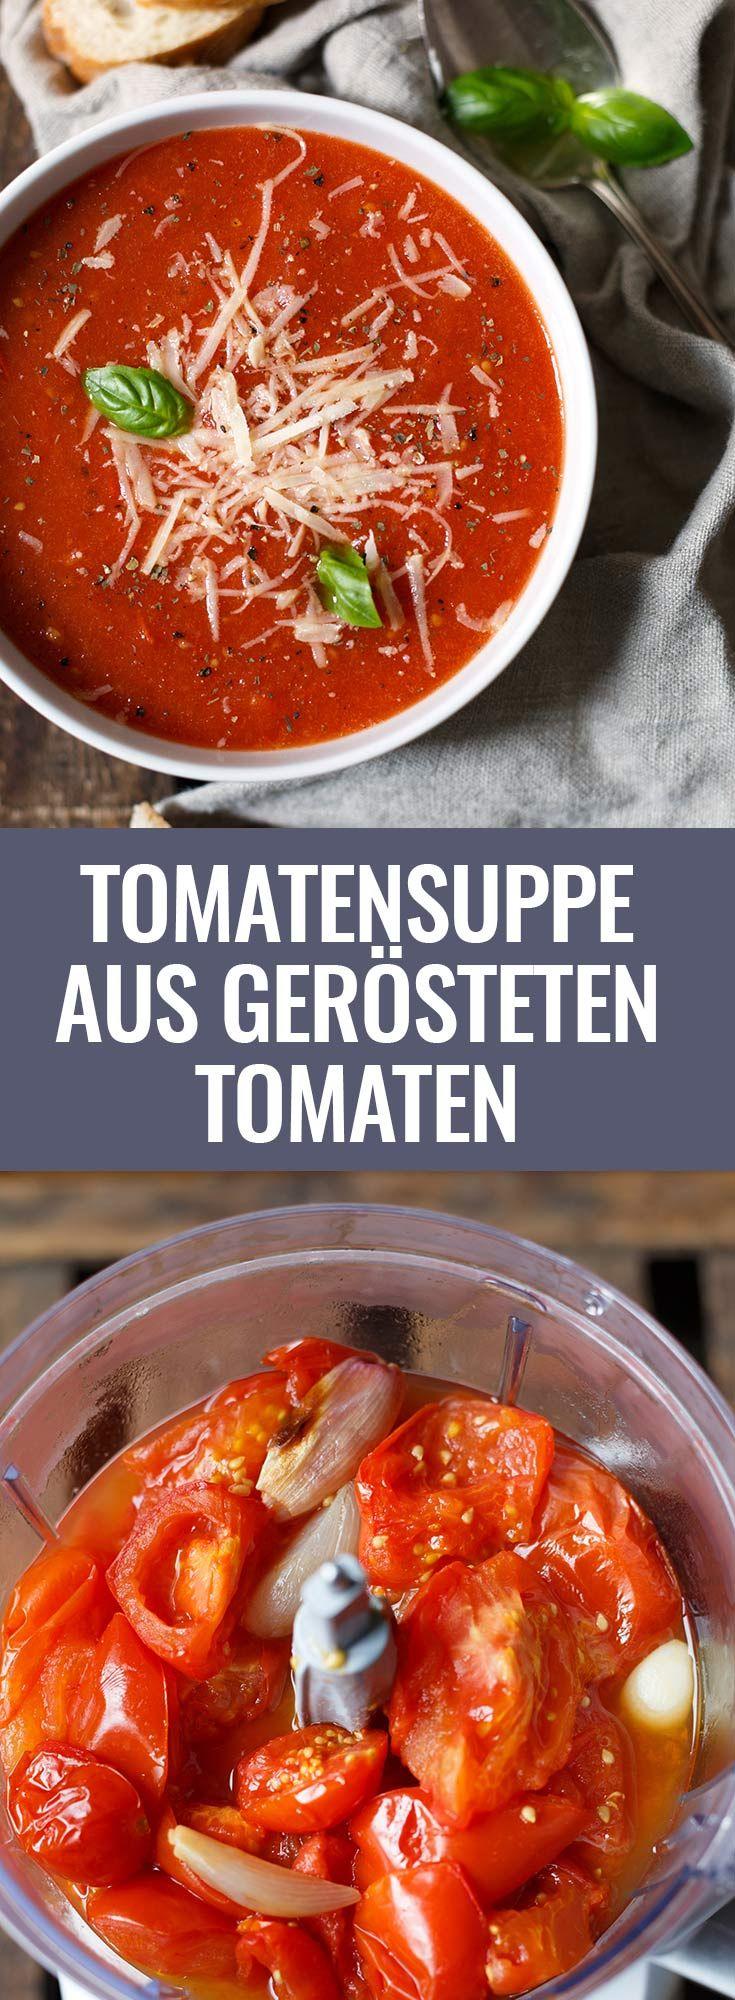 Geröstete Tomatensuppe aus Tomaten, Knoblauch, Zwiebel, Olivenöl und Basilikum. Dieses Rezept ist einfach und immer ein Hit!